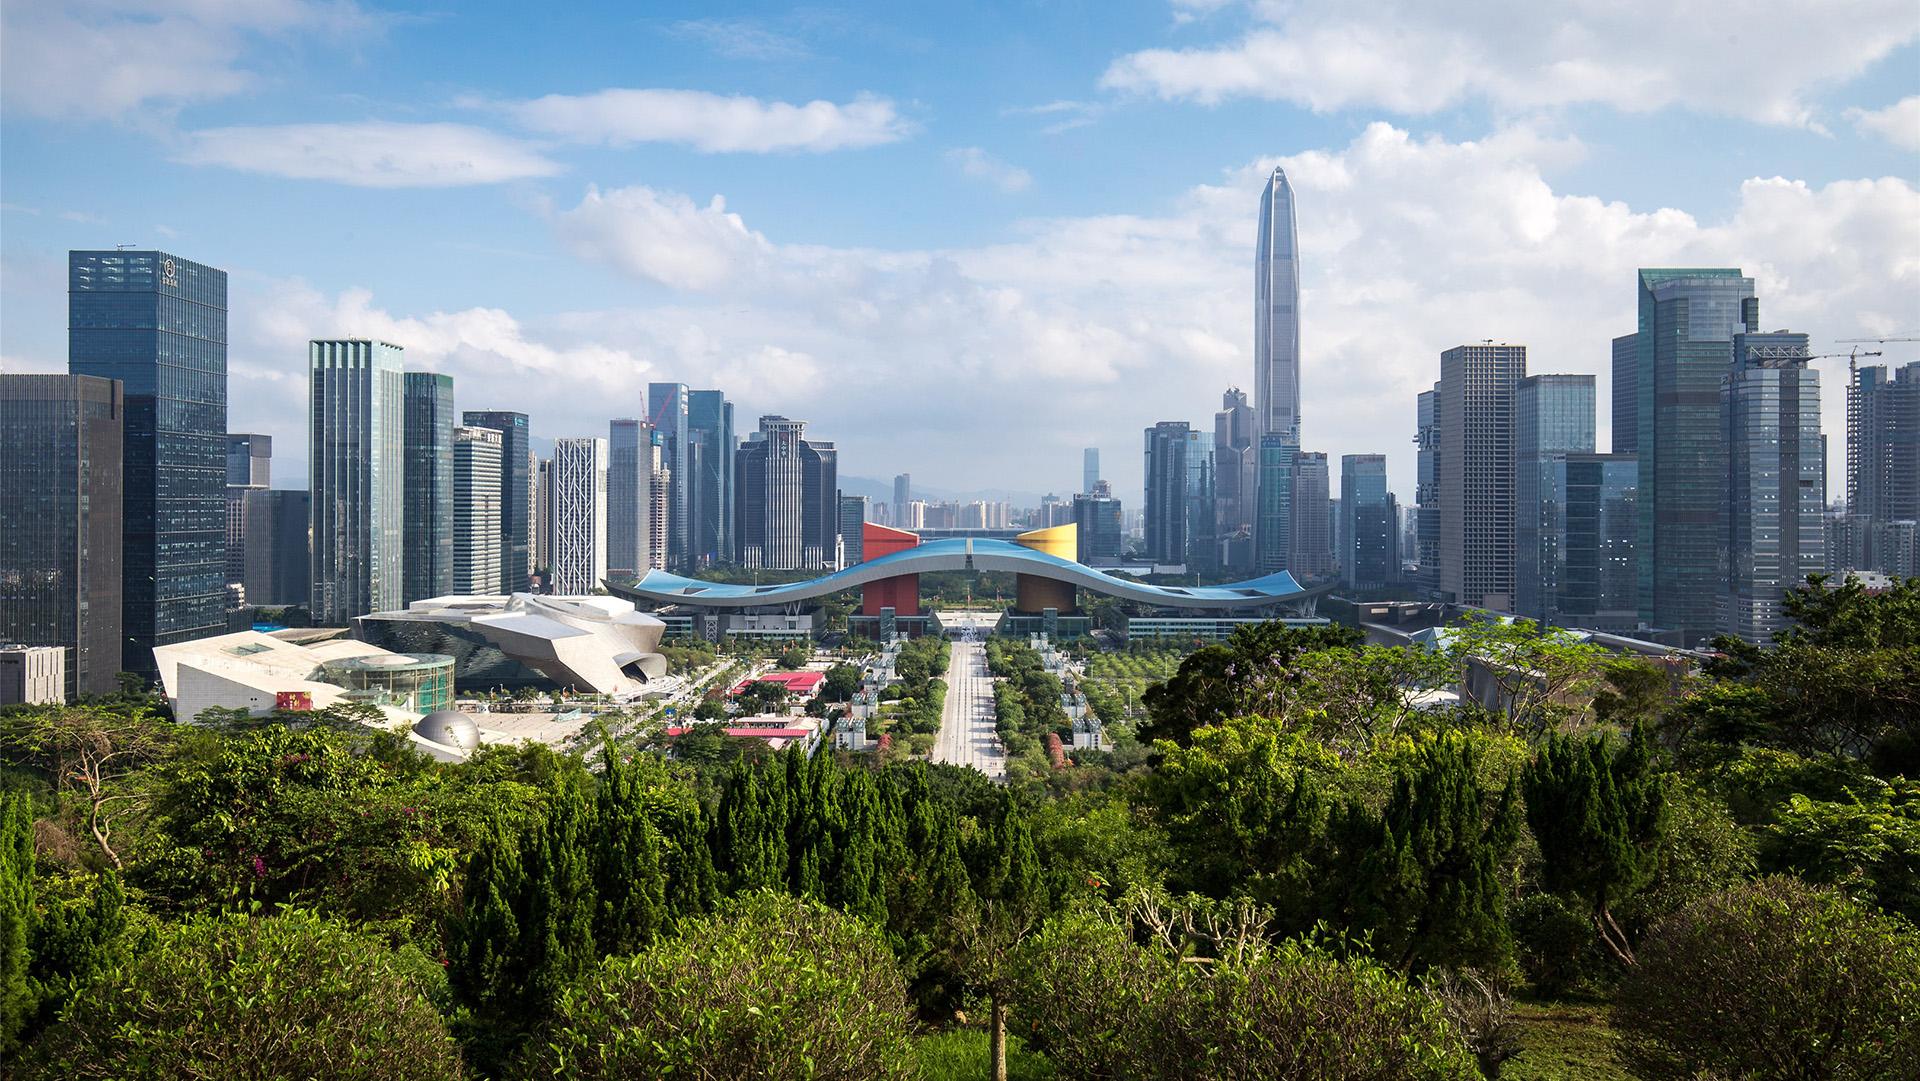 深圳市场监管局针对进出口、水电气、融资等违规涉企收费开展专项整治